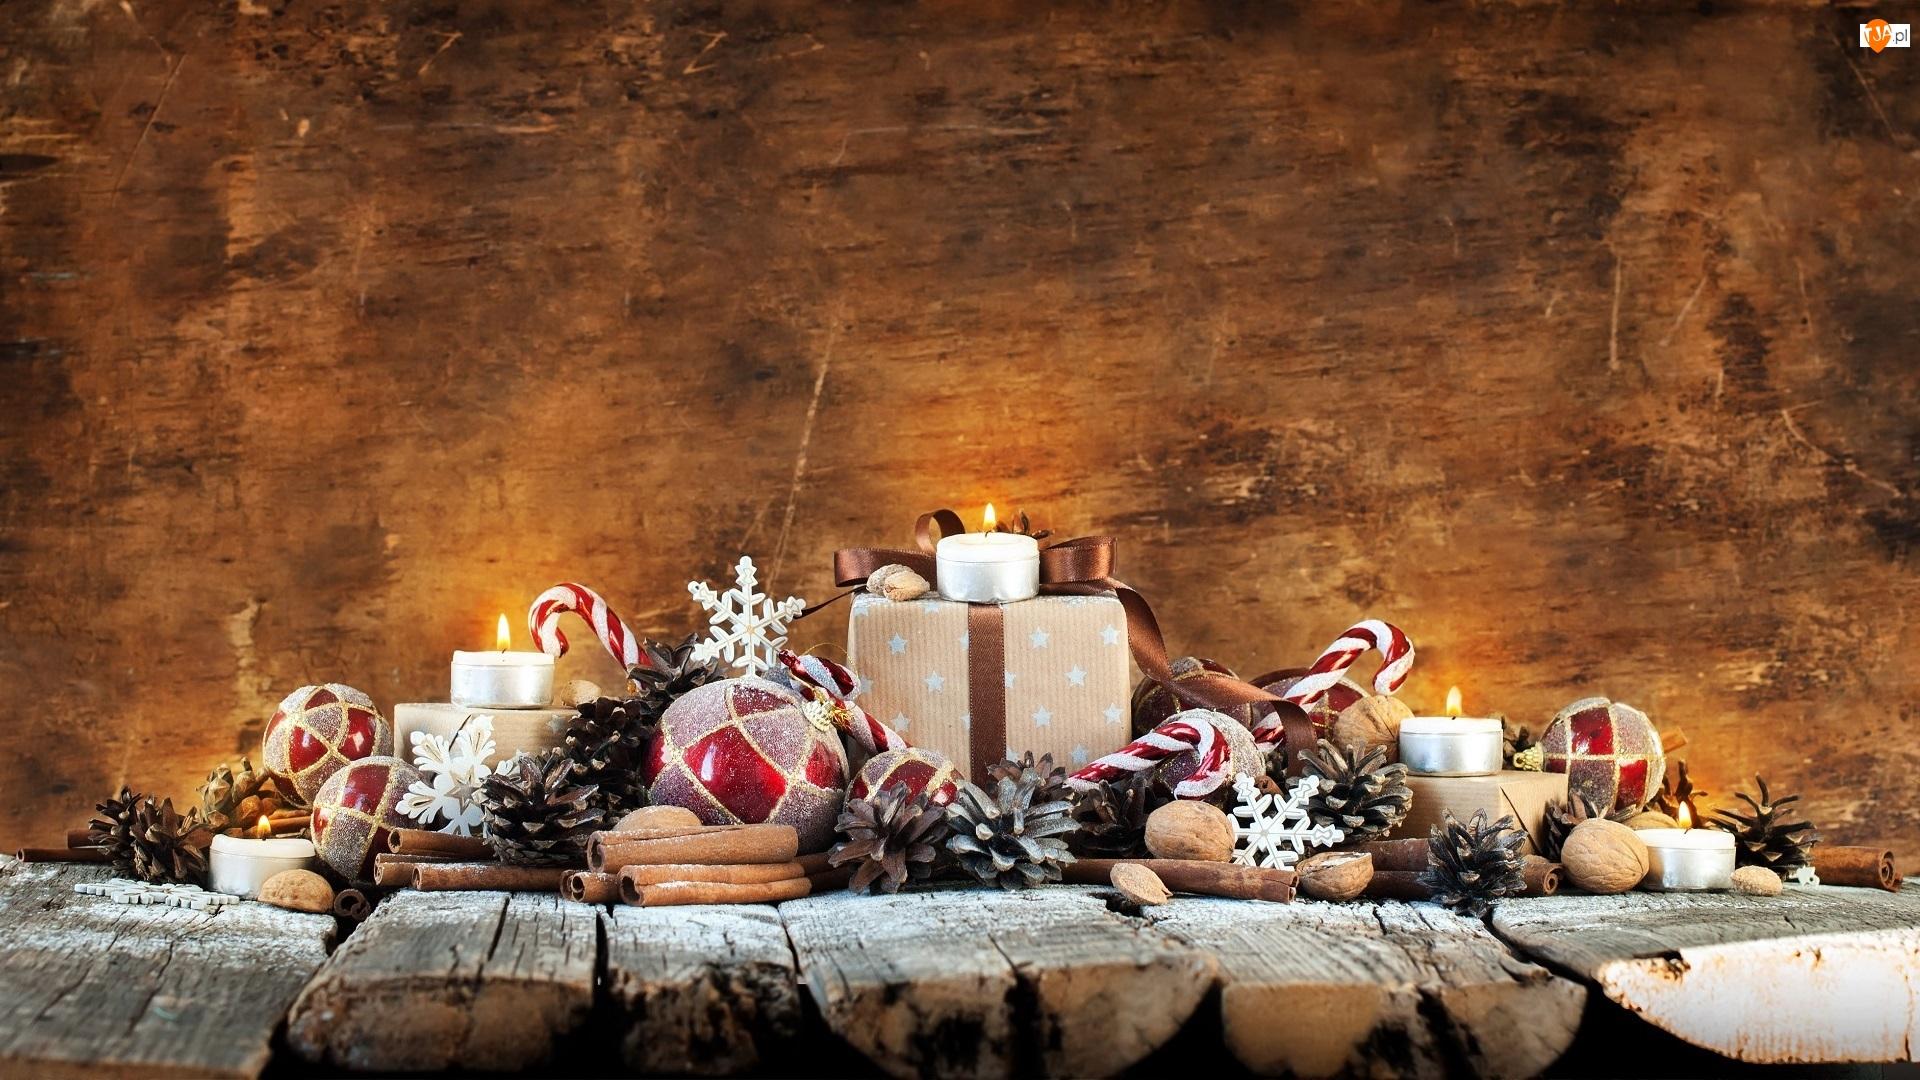 Świąteczne, Bombki, Prezenty, Cynamonu, Gwiazdki, Świeczki, Szyszki, Boże Narodzenie, Laski